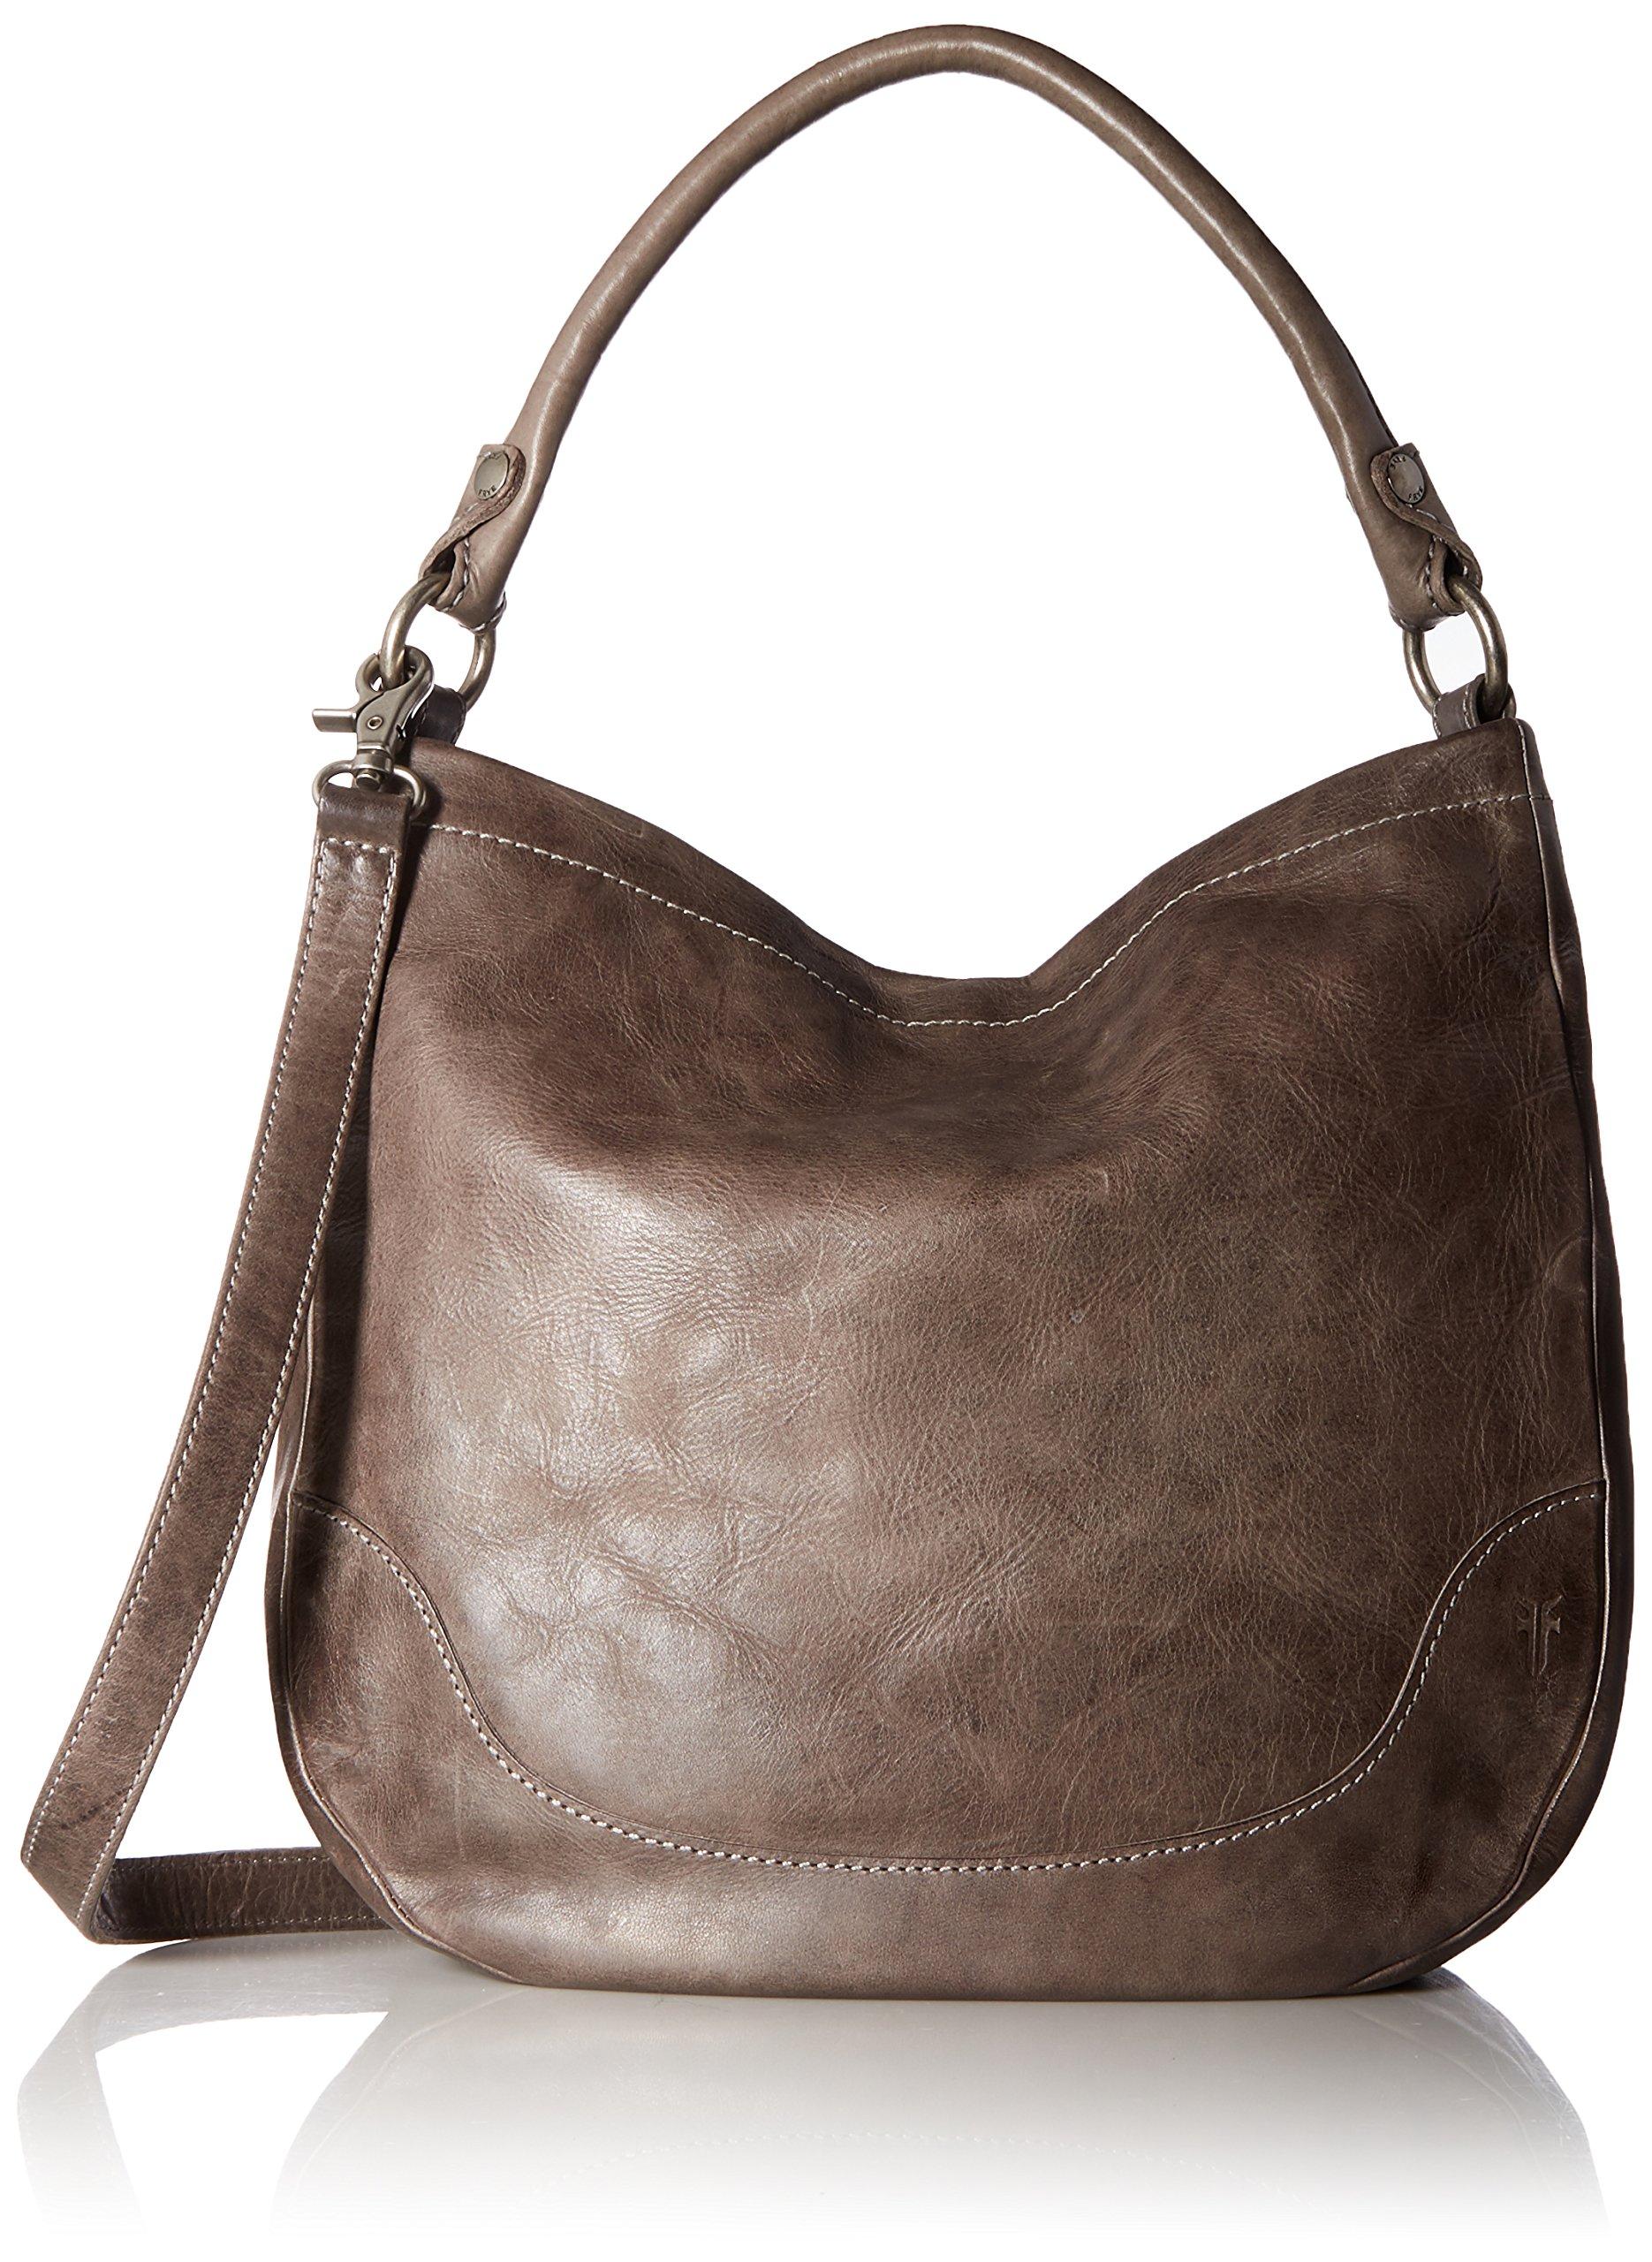 Melissa Hobo Hobo Bag, ICE, One Size